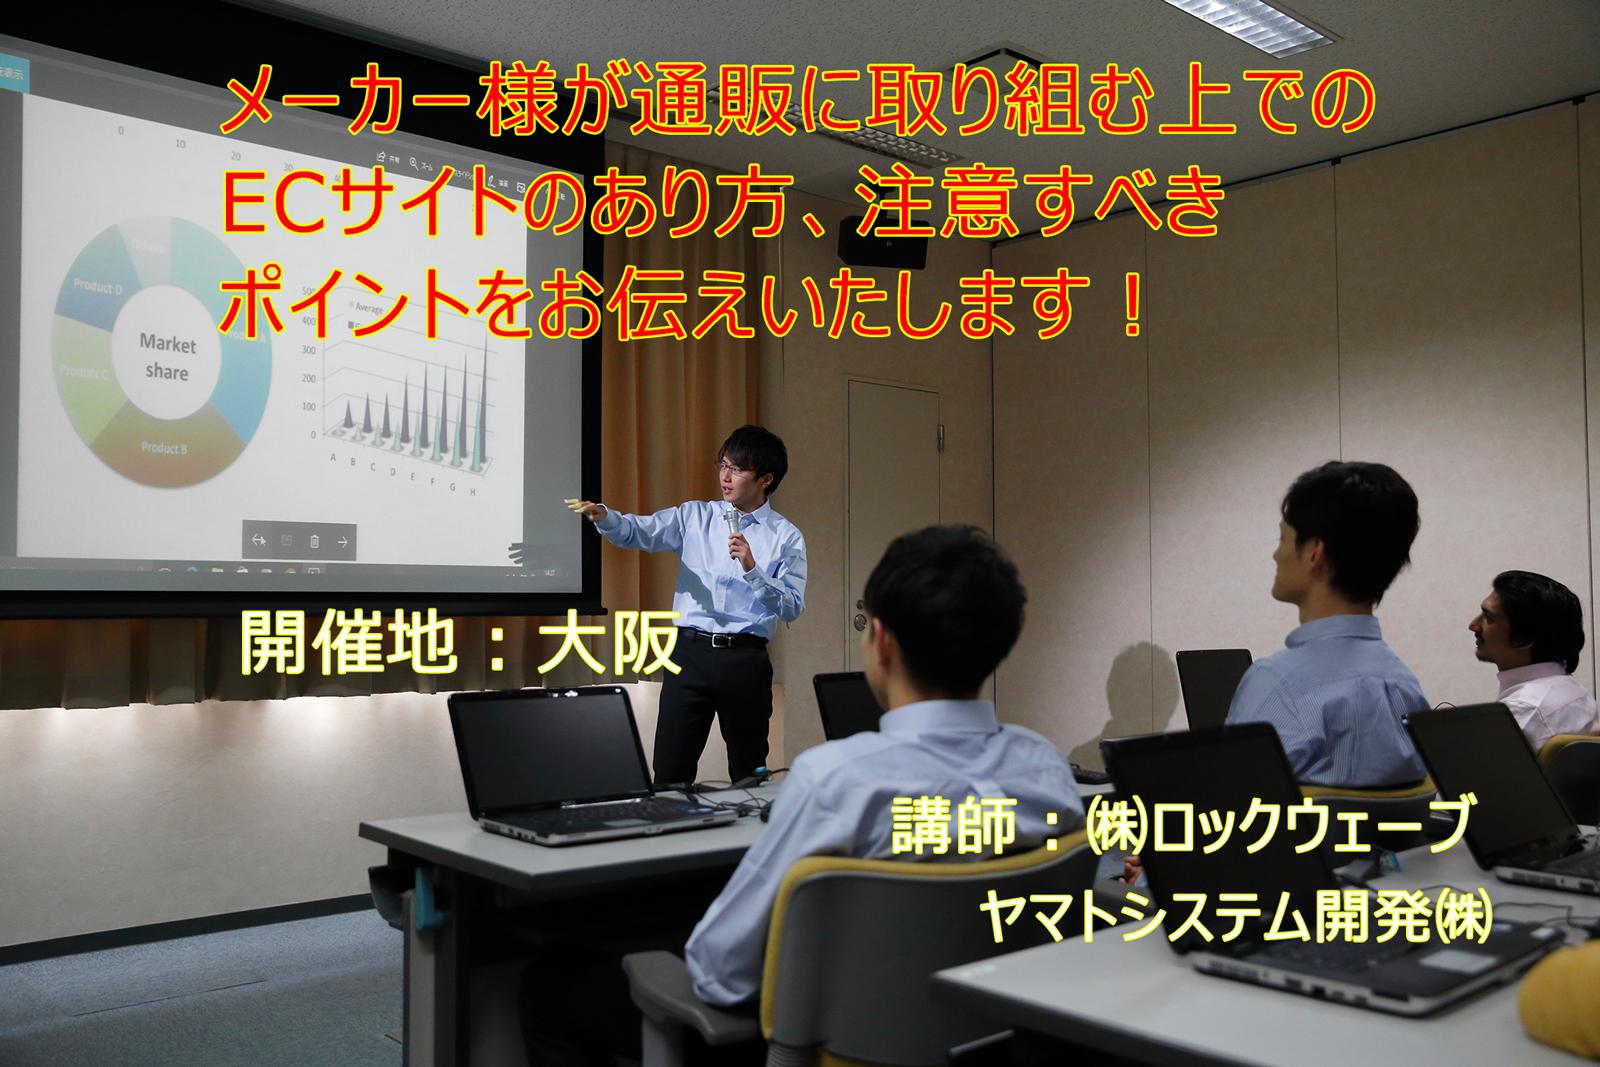 メーカー通販 ECサイト構築における成功のポイントセミナー in 大阪